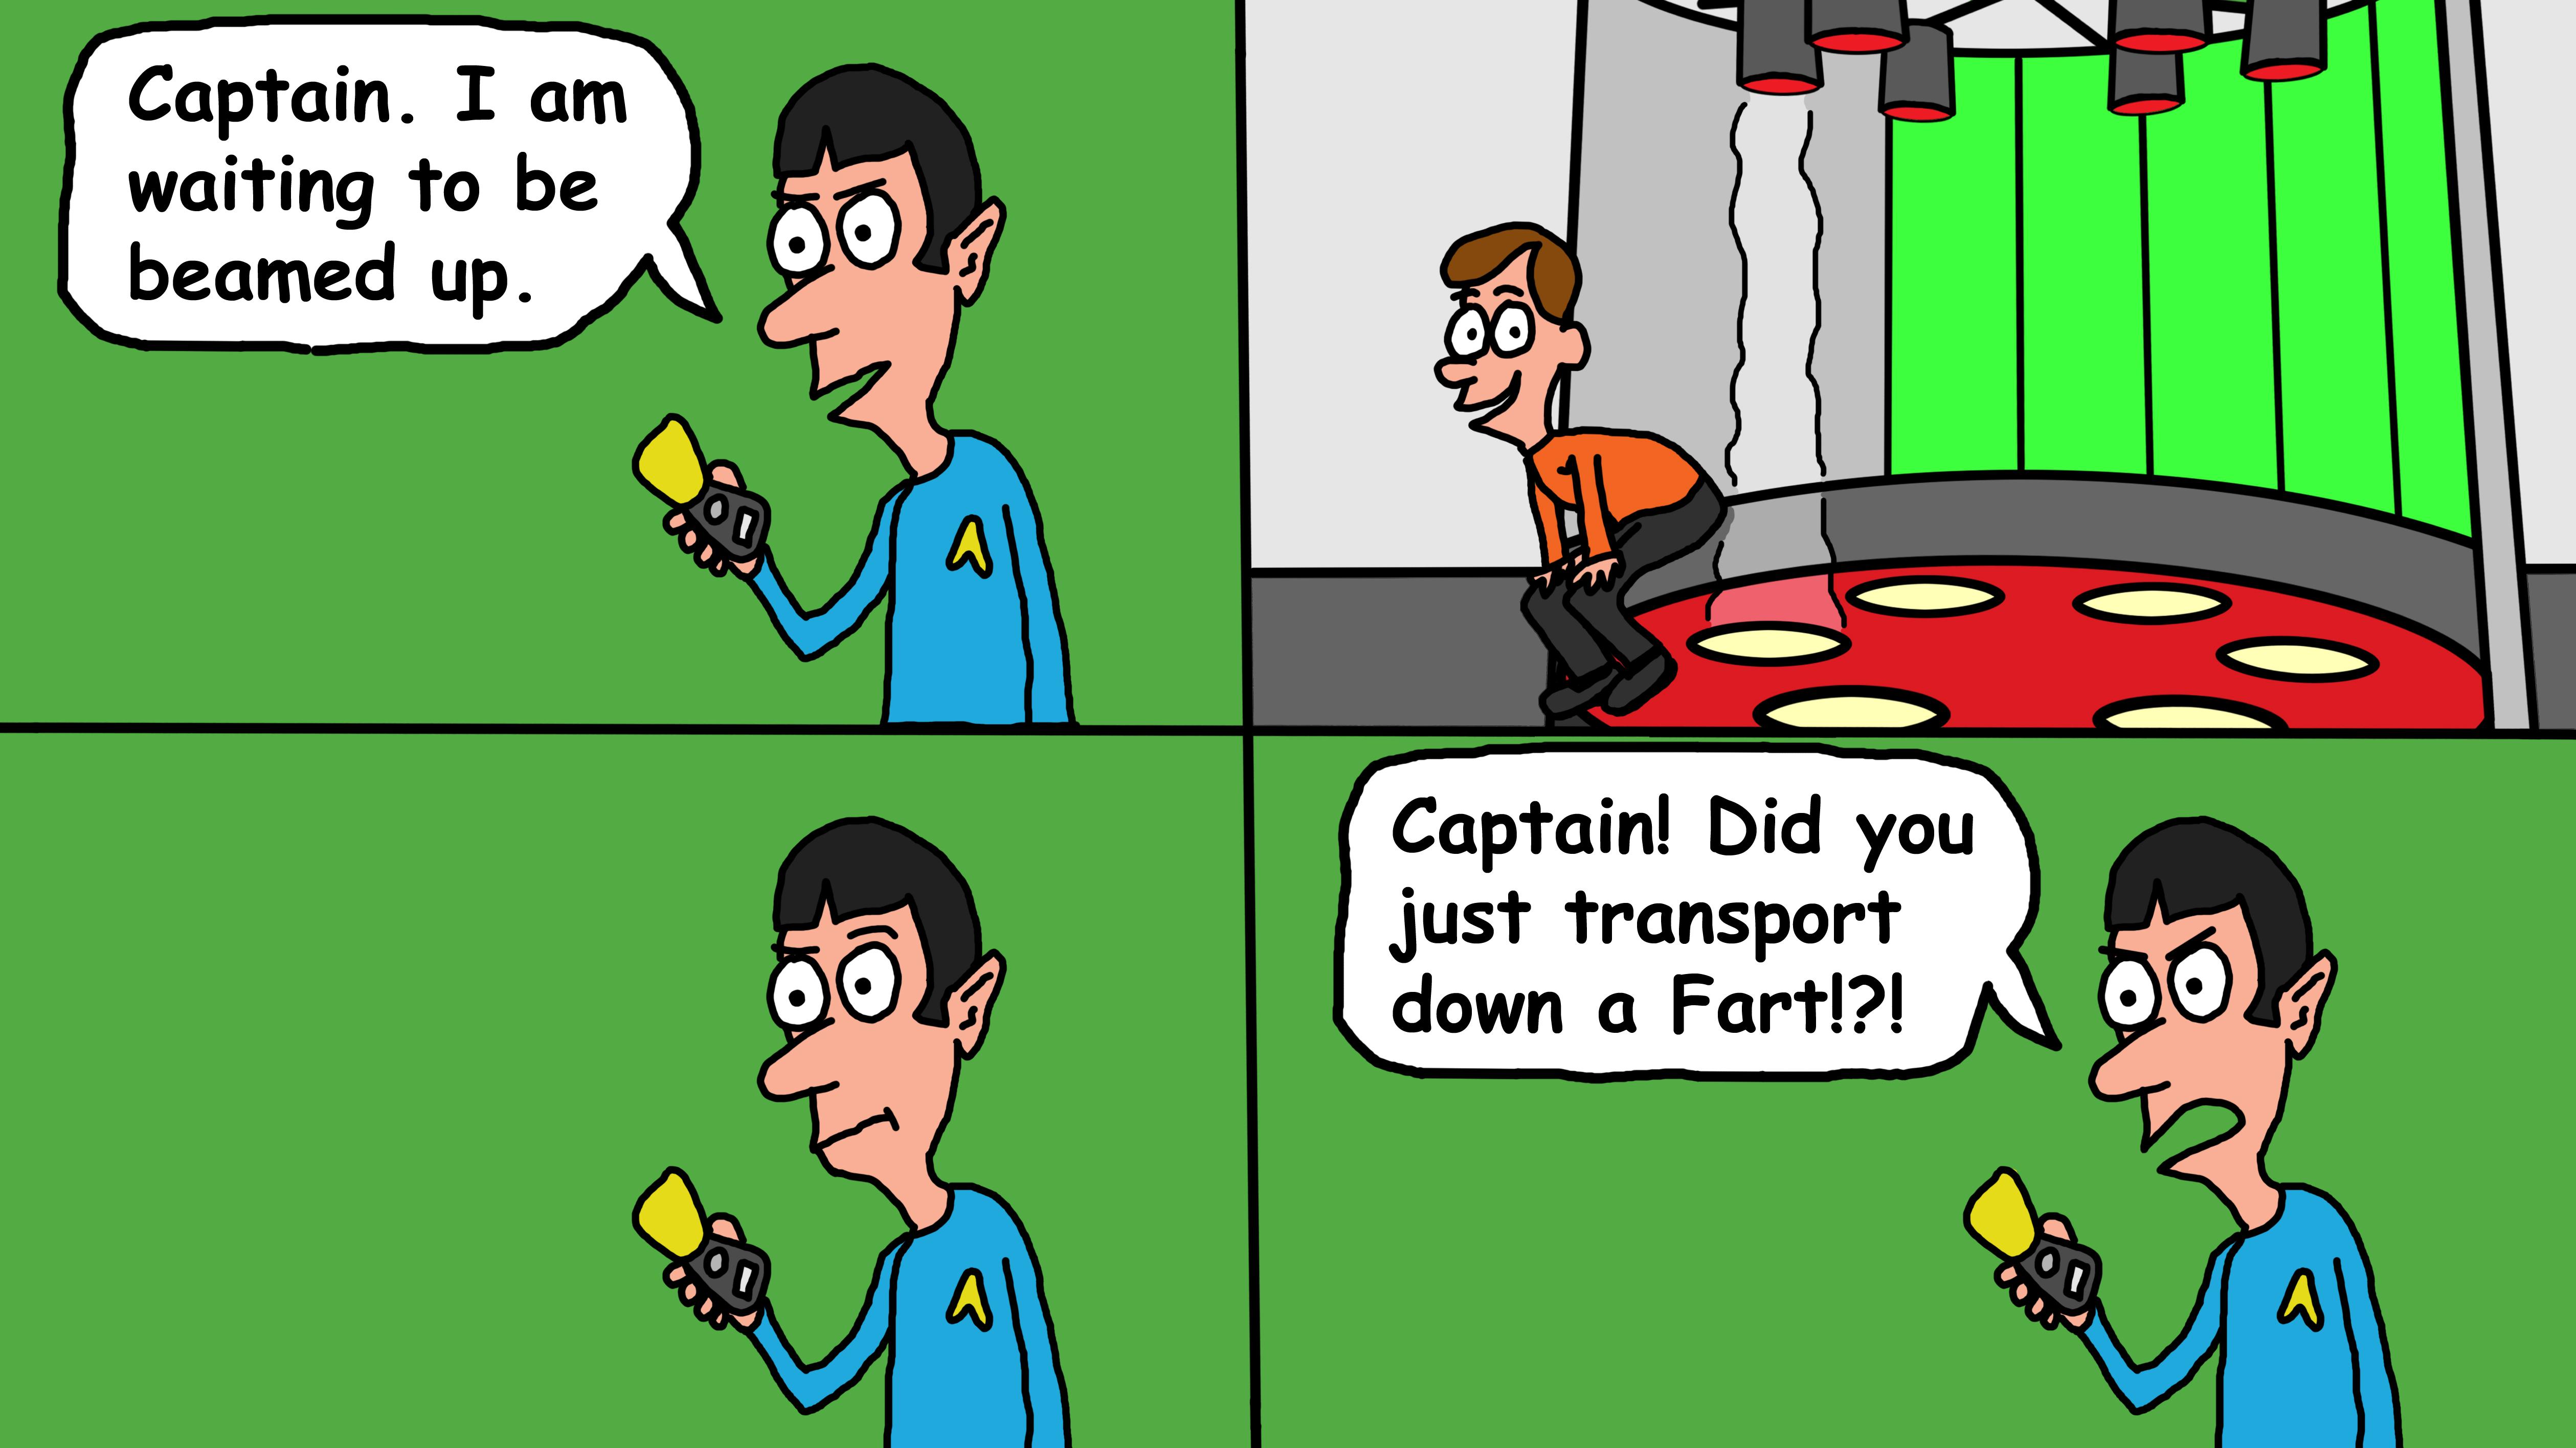 Star Trekked